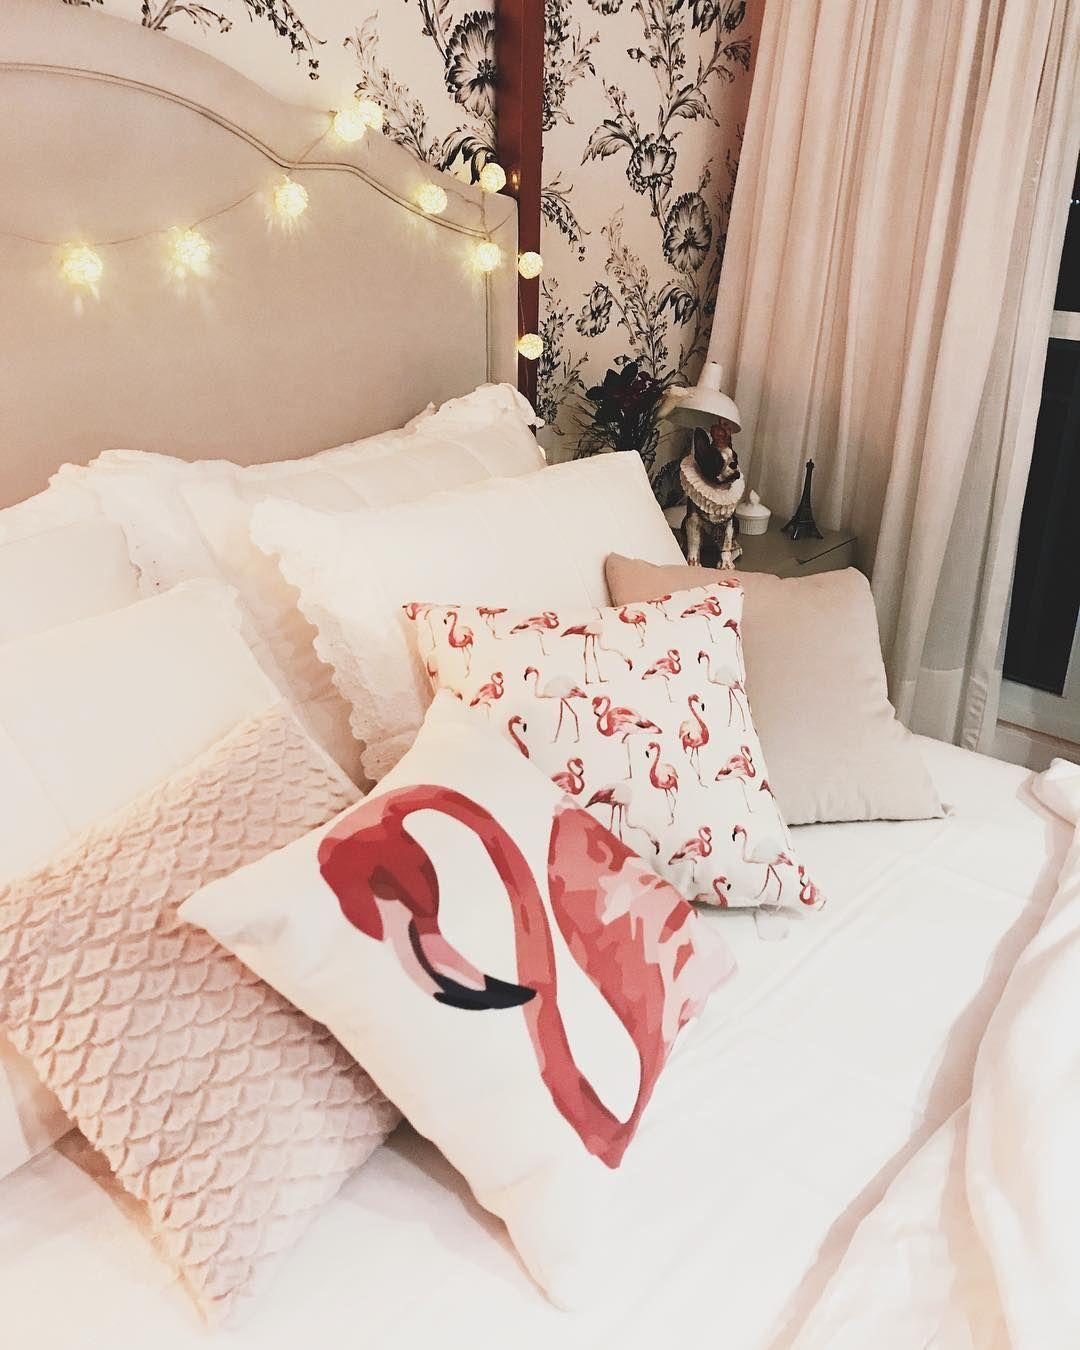 2c8b9a2117afe6 Inspiração de decoração para quarto feminino no Pinterest, com tons ...